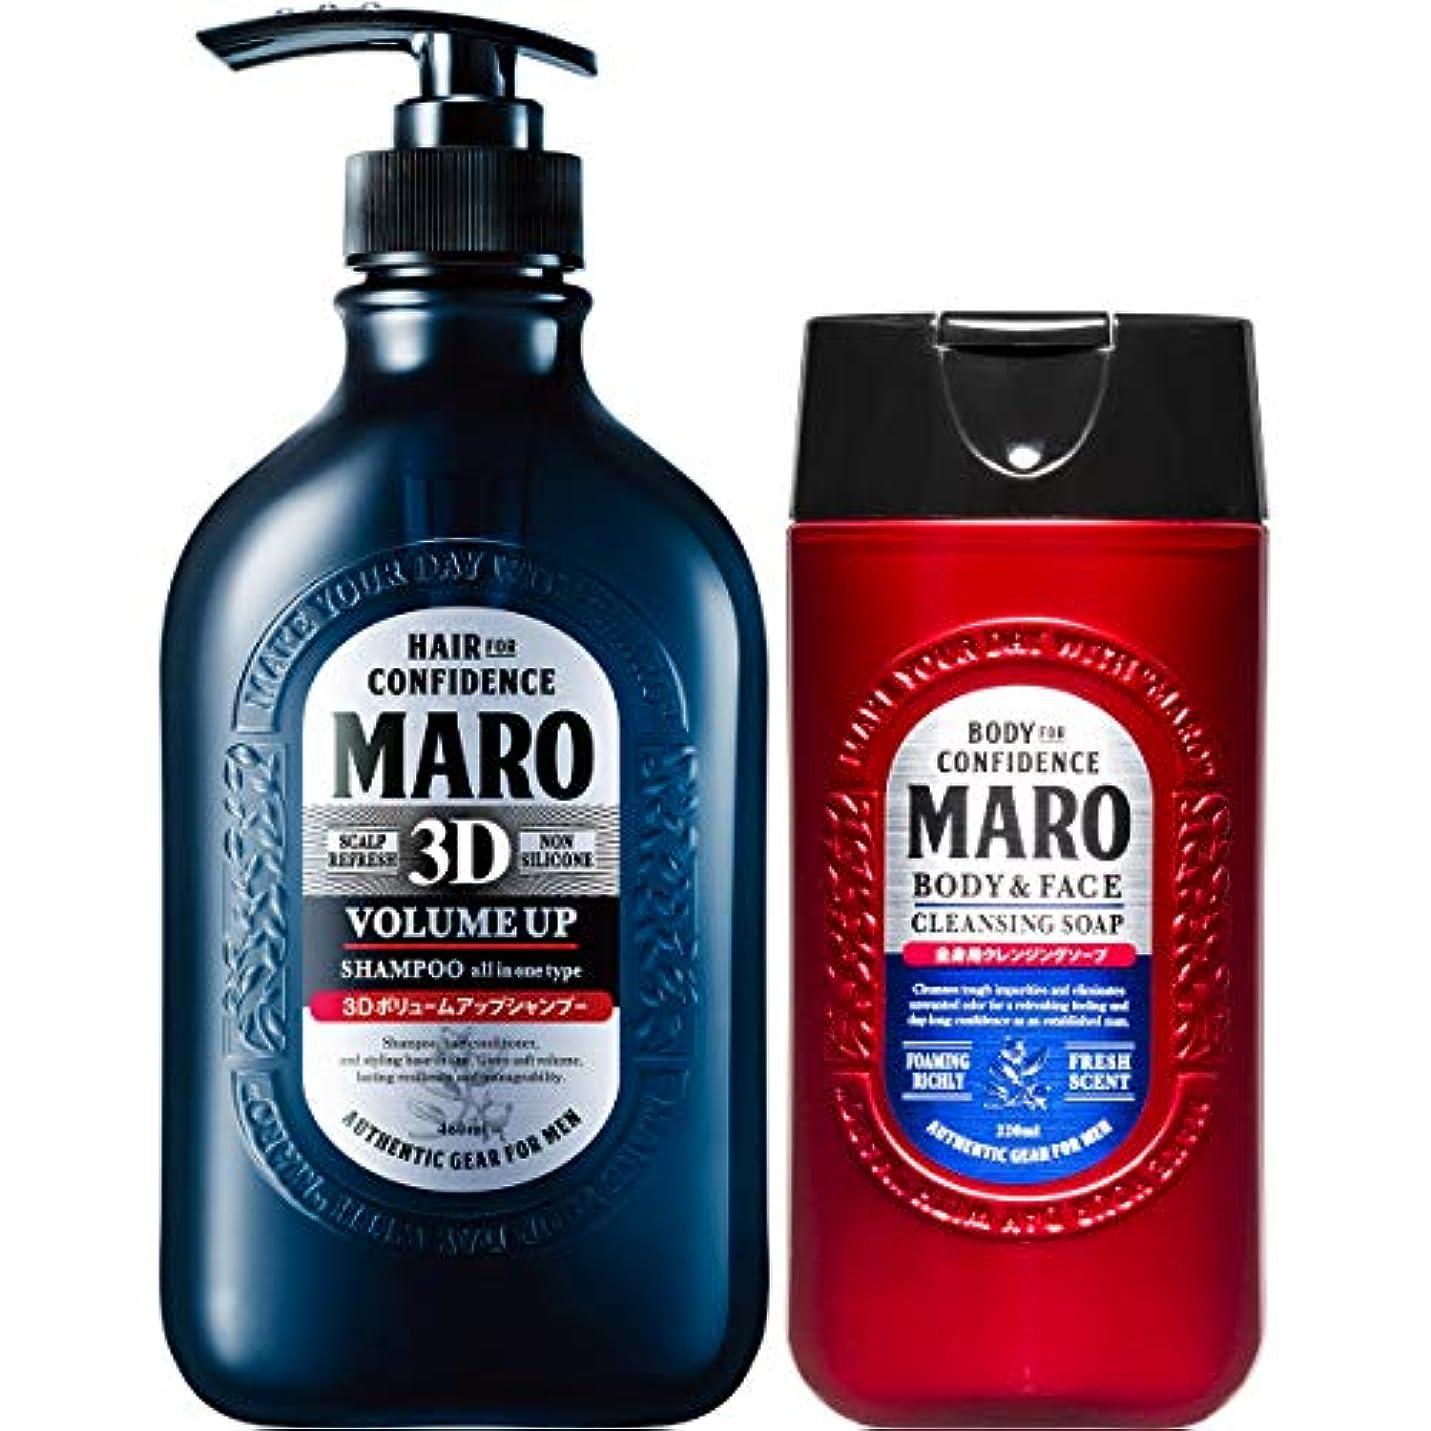 テザー三豊かにするMARO(マーロ) ボリュームアップシャンプー、クレンジングソープ 本体 460ml+クレンジングソープ220ml